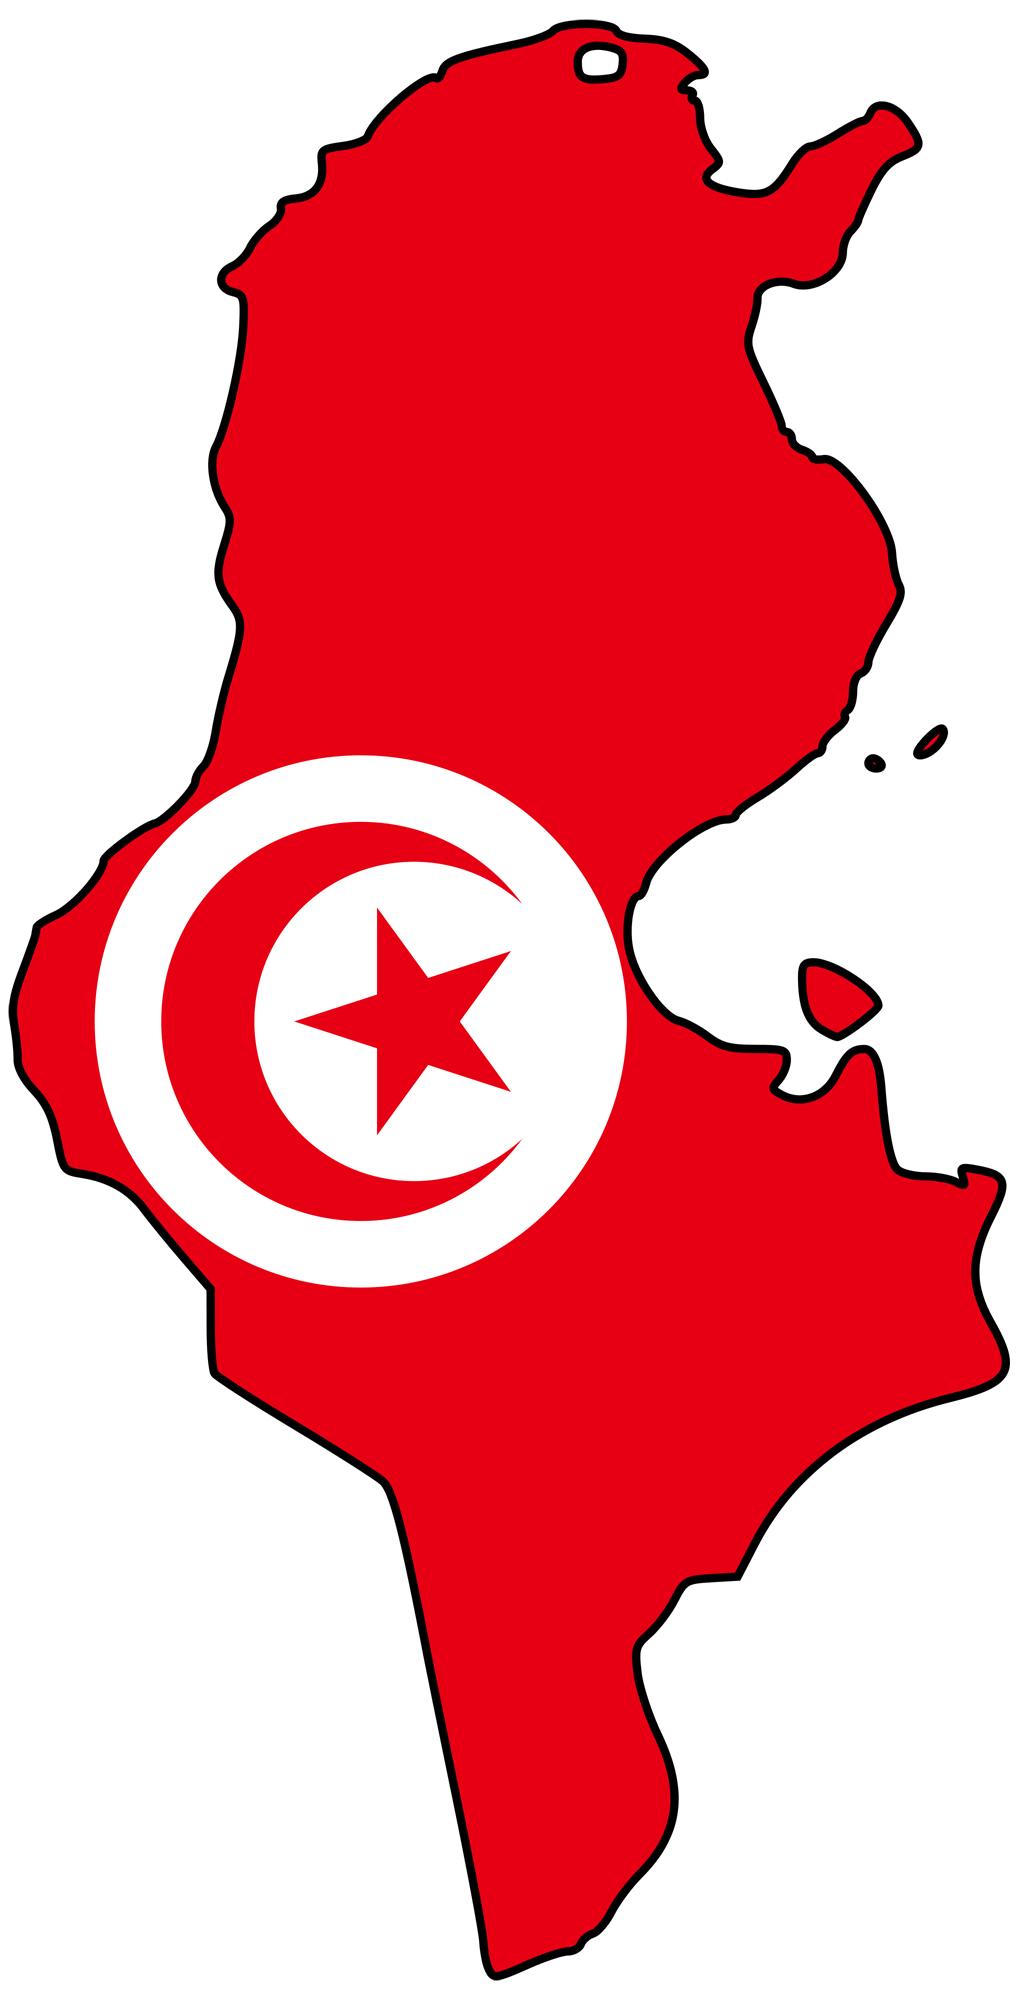 Tunesien Karte Welt.Tunisia Flag Map Mapsof Net Tunesien In 2019 Tunesien